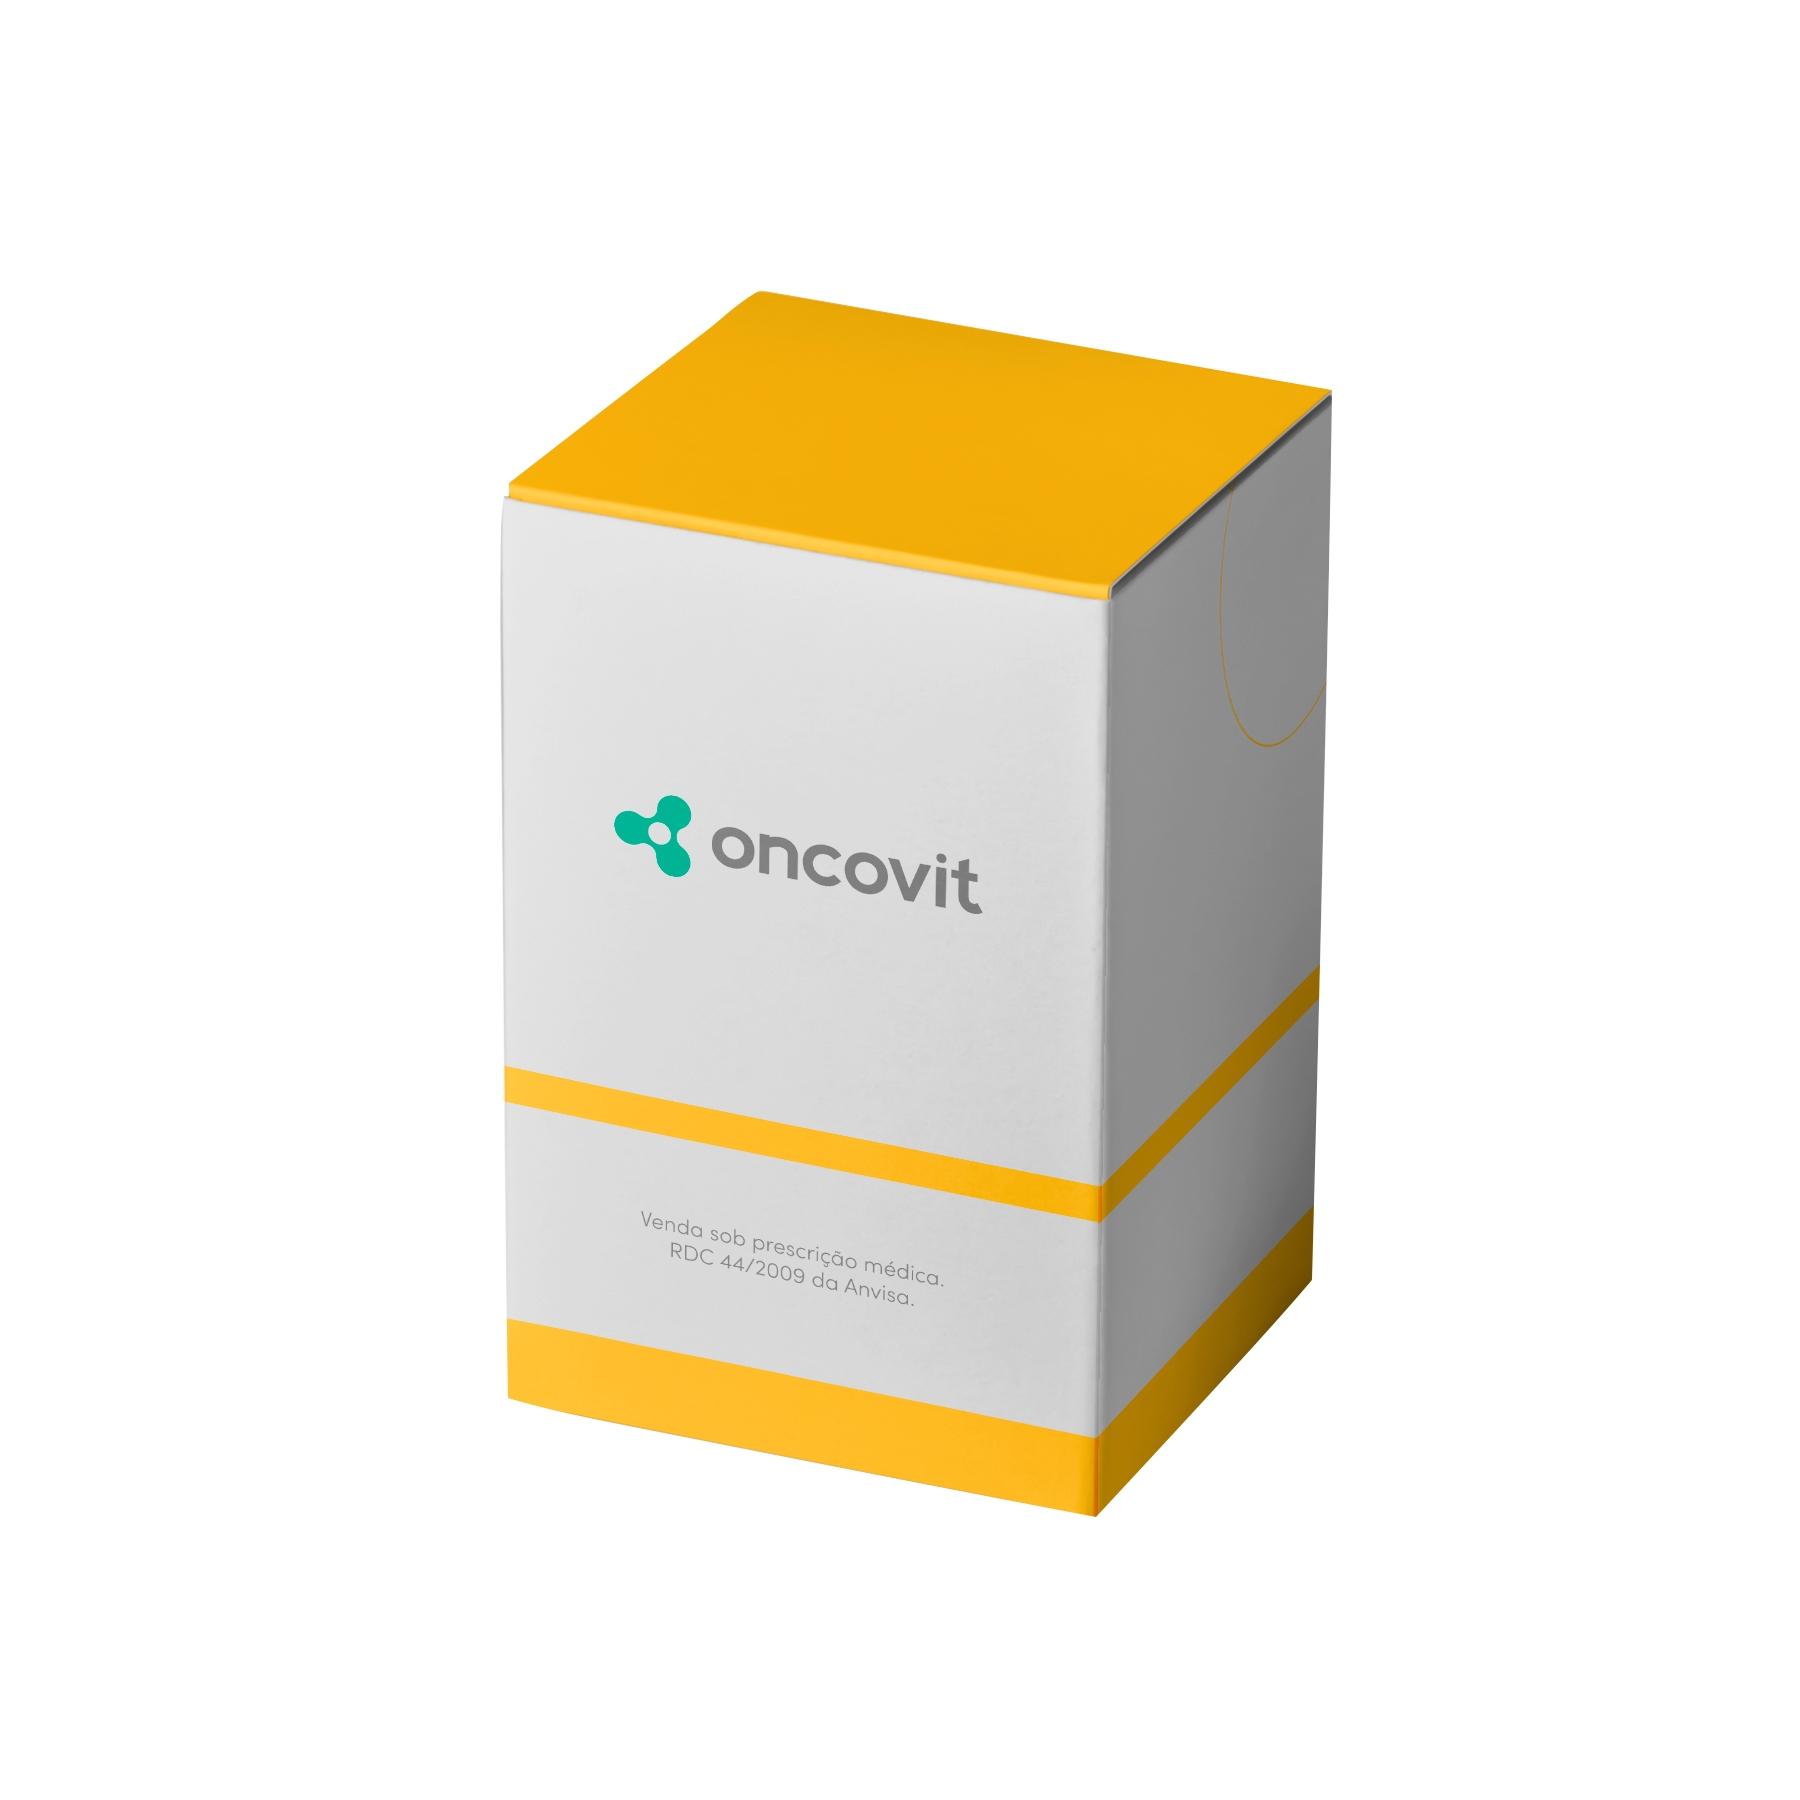 Calnate 900mg/g caixa com 60 envelopes com 30g de pó para suspensão de uso oral